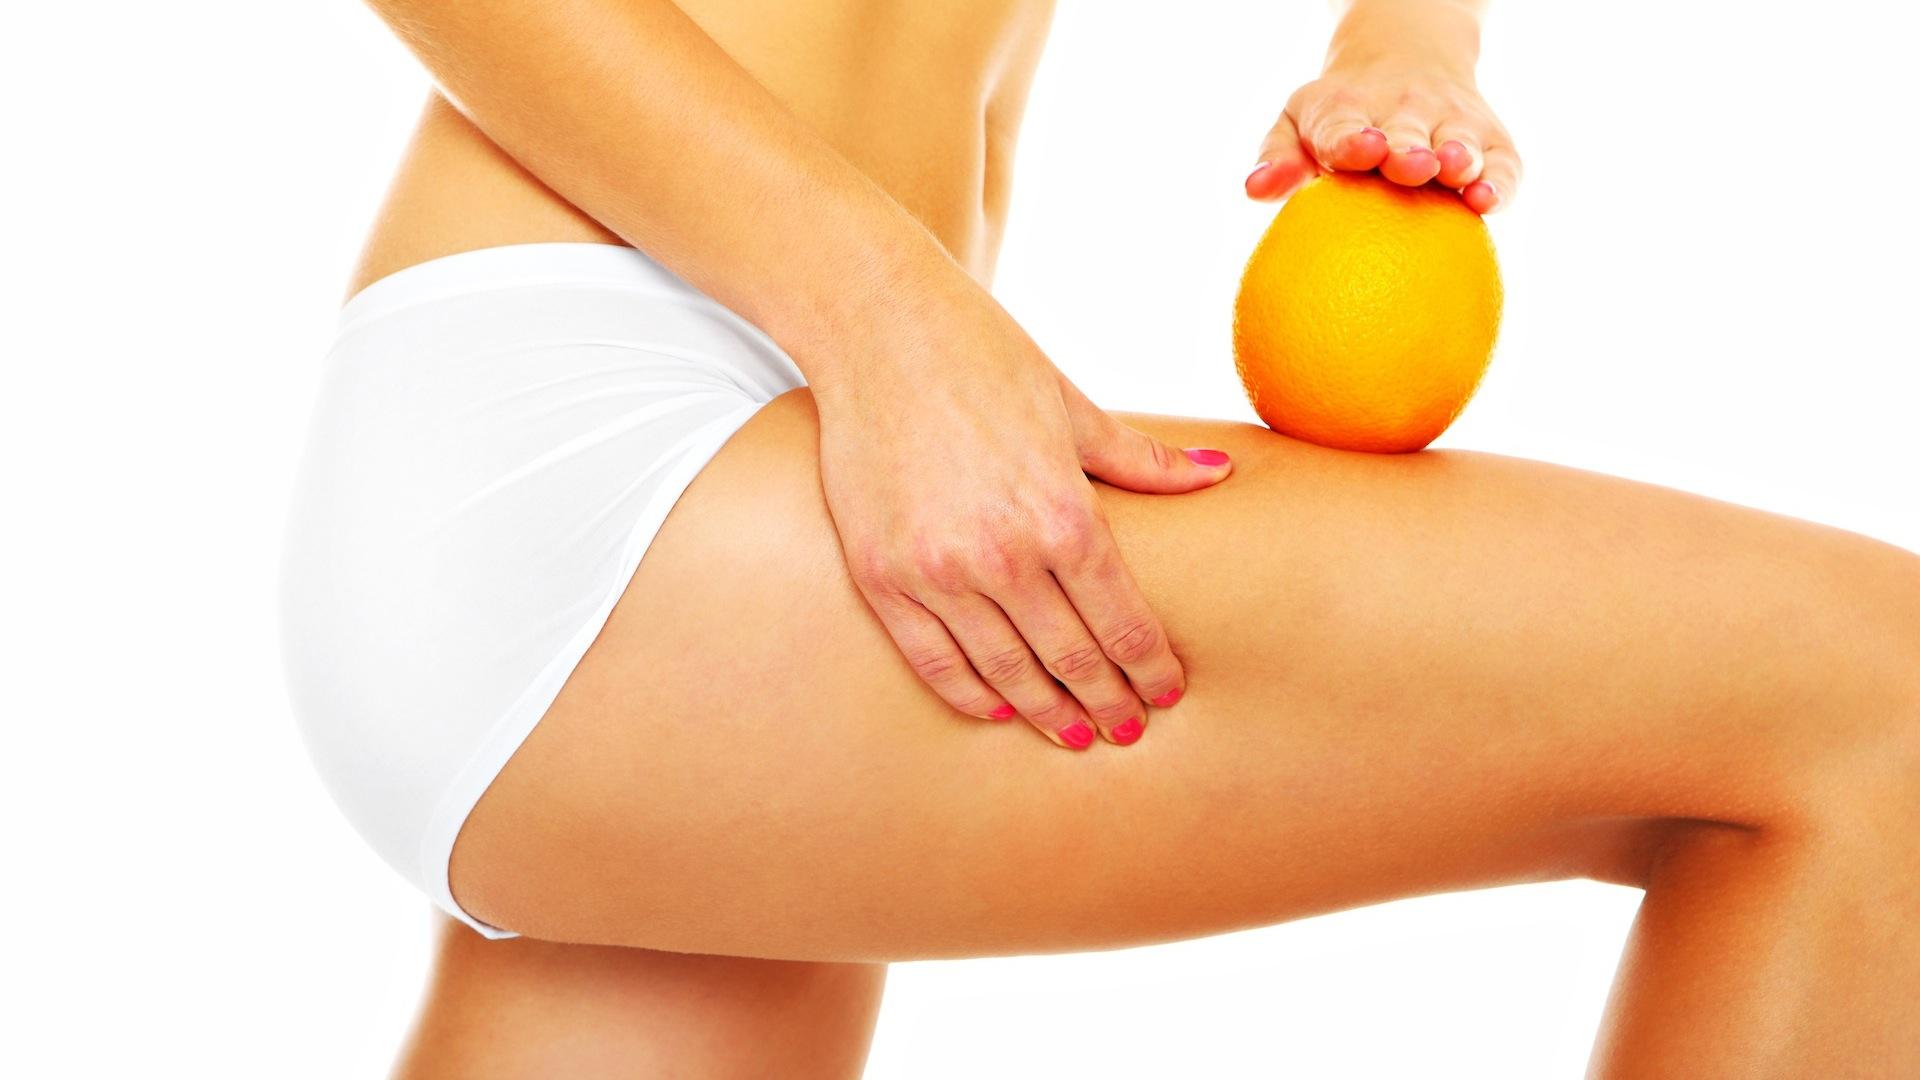 Benefici zenzero cellulite